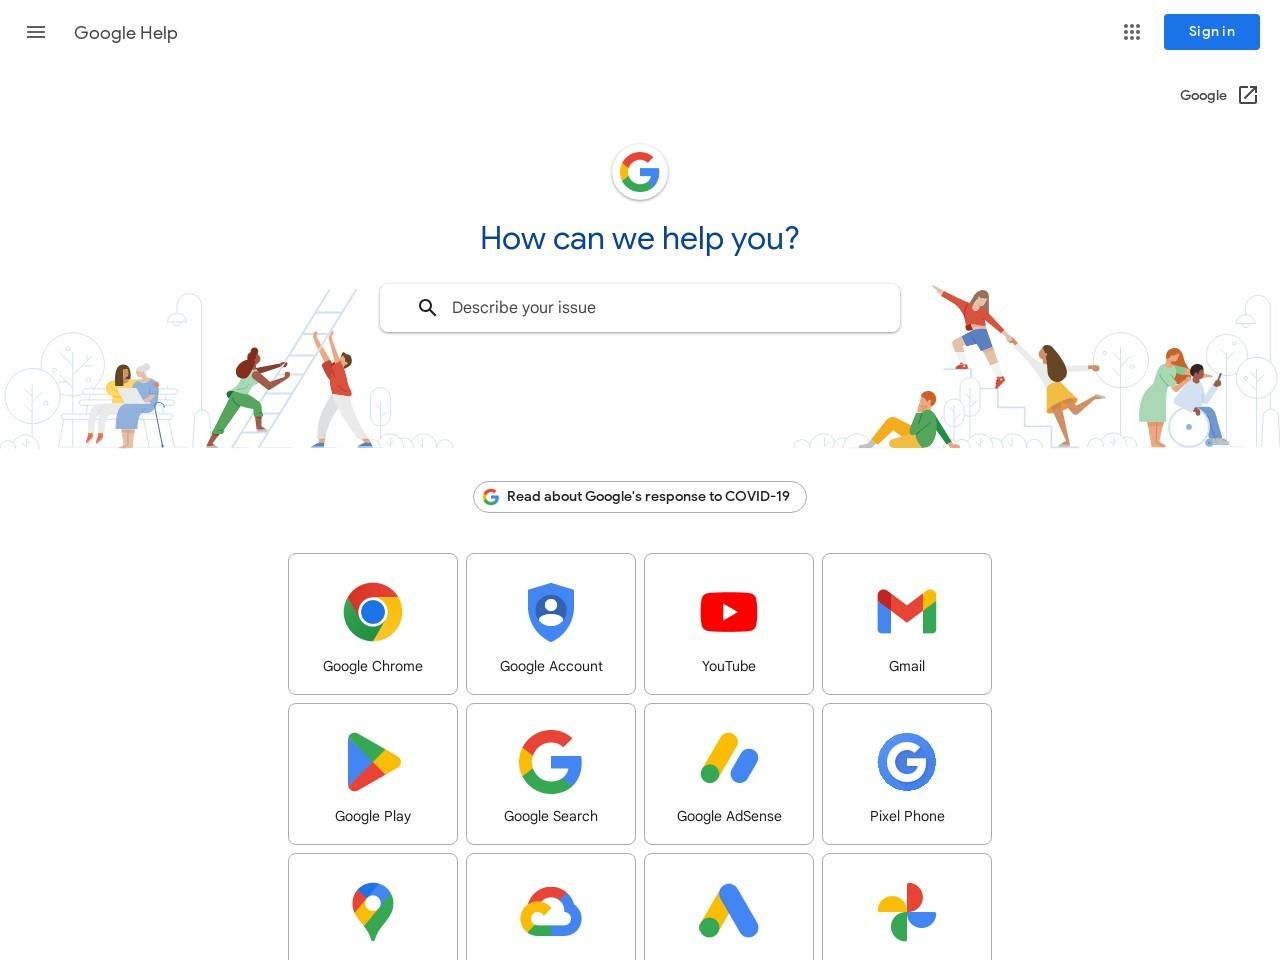 「OK Google」の問題を解決する - Google アシスタント ヘルプ